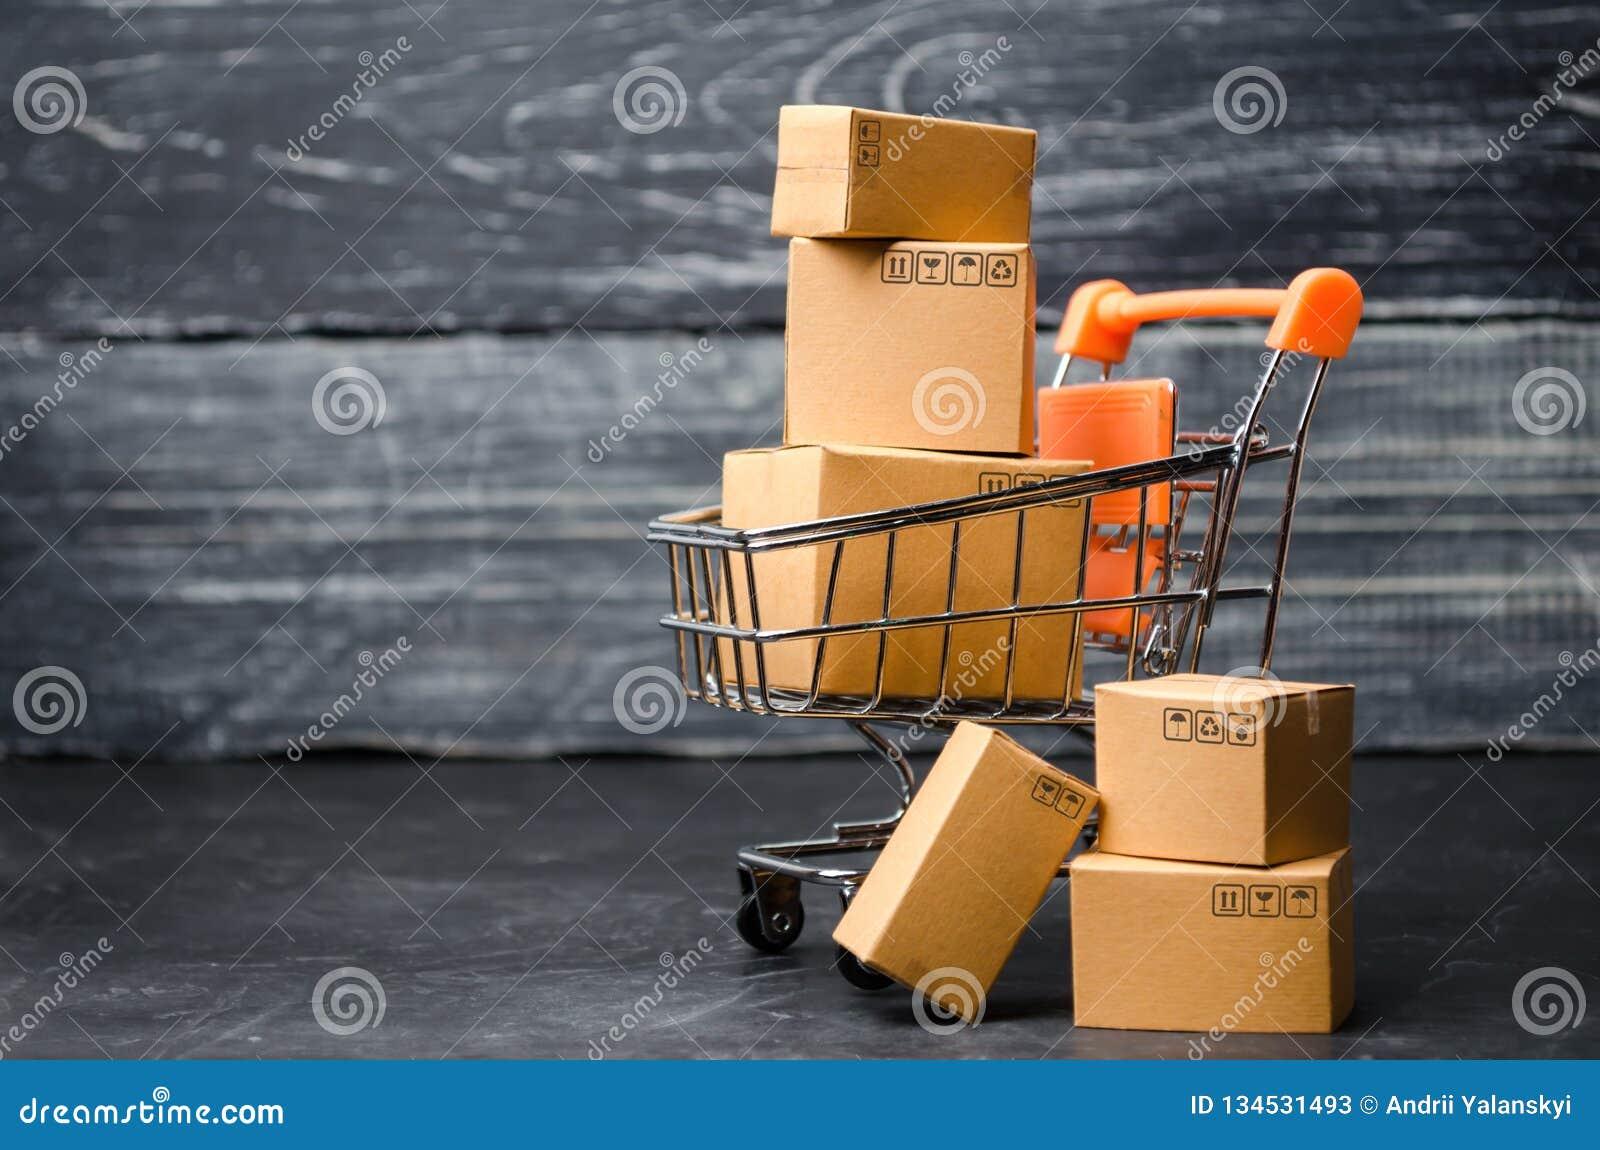 Un carro del supermercado cargado con las cajas de cartón Ventas de mercancías concepto de comercio y negocios, compras en línea